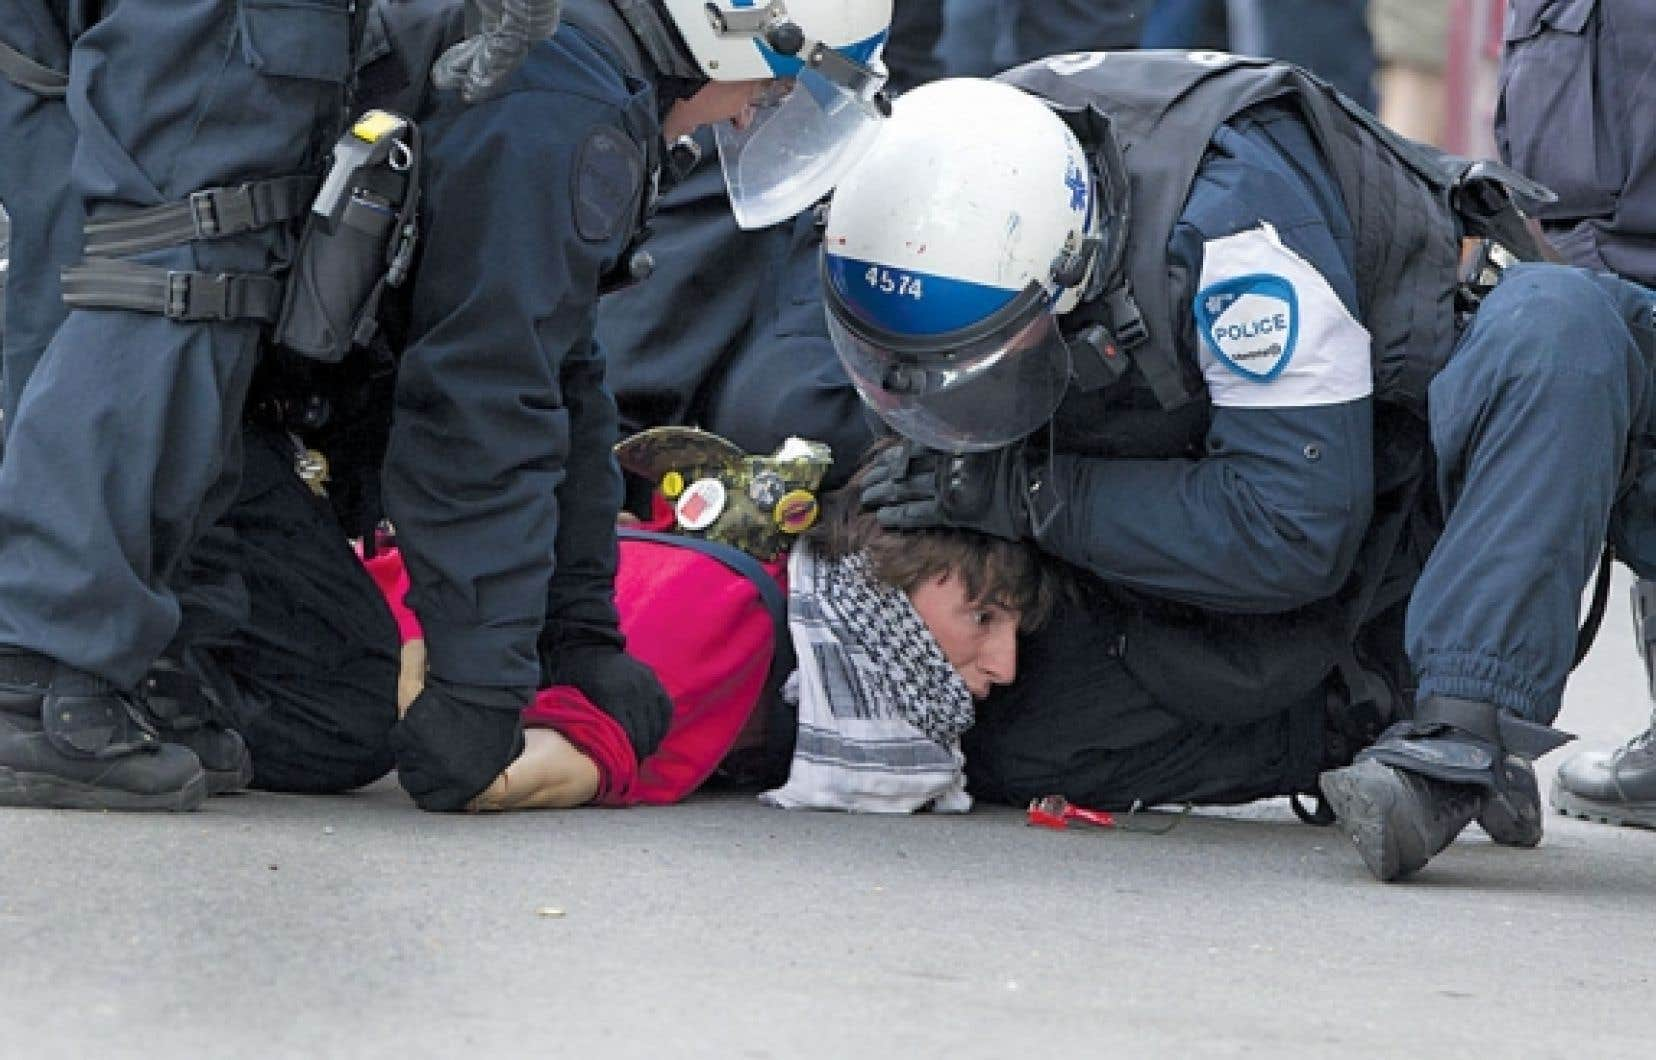 Des centaines d'arrestations ont eu lieu lors du long conflit étudiant.